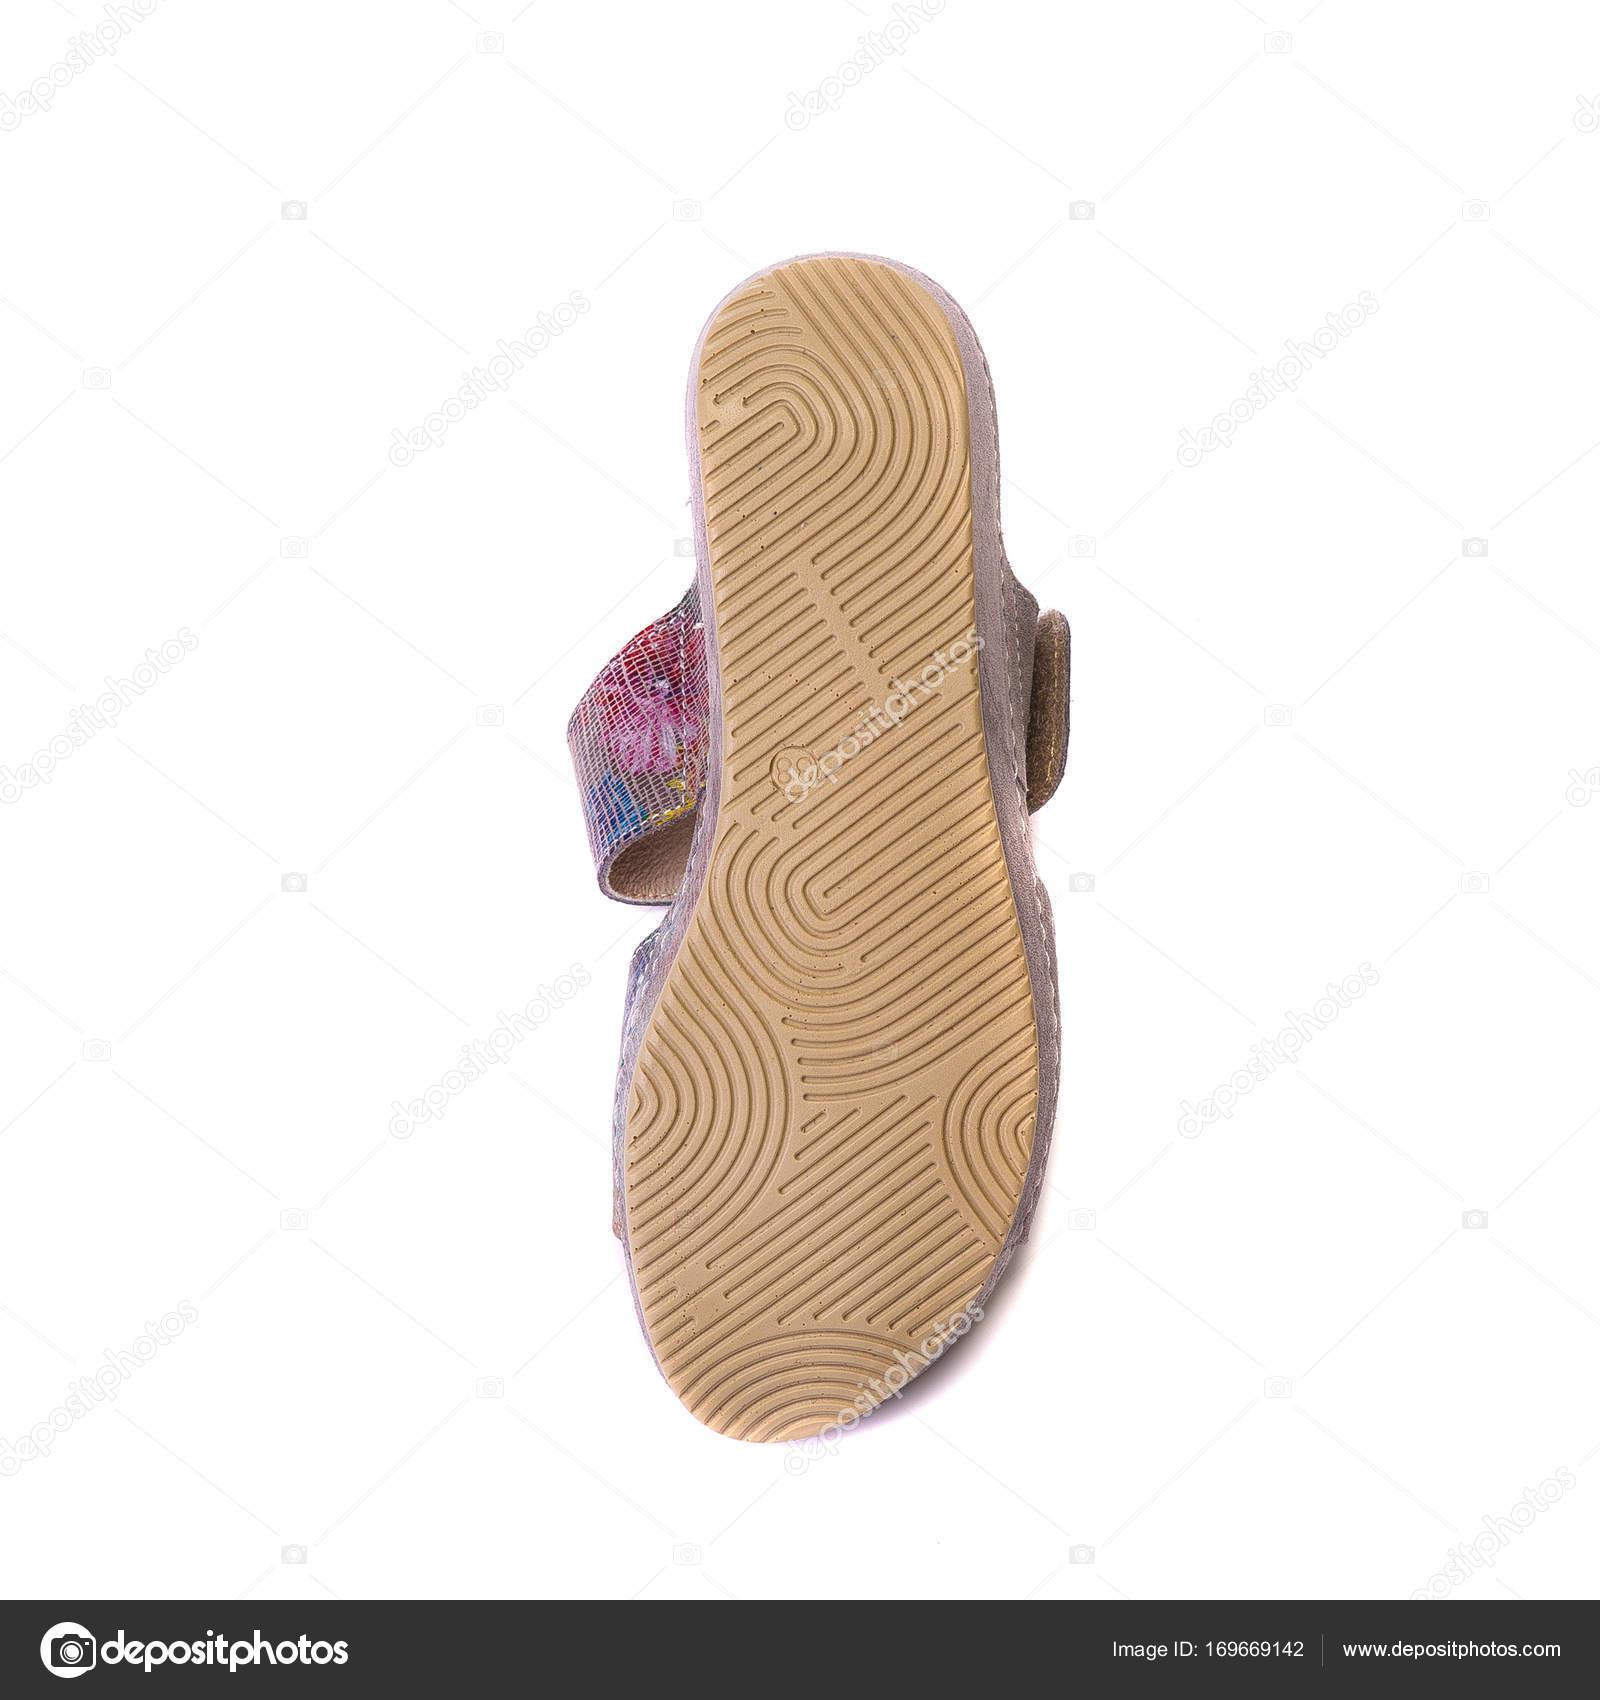 skor med pronation